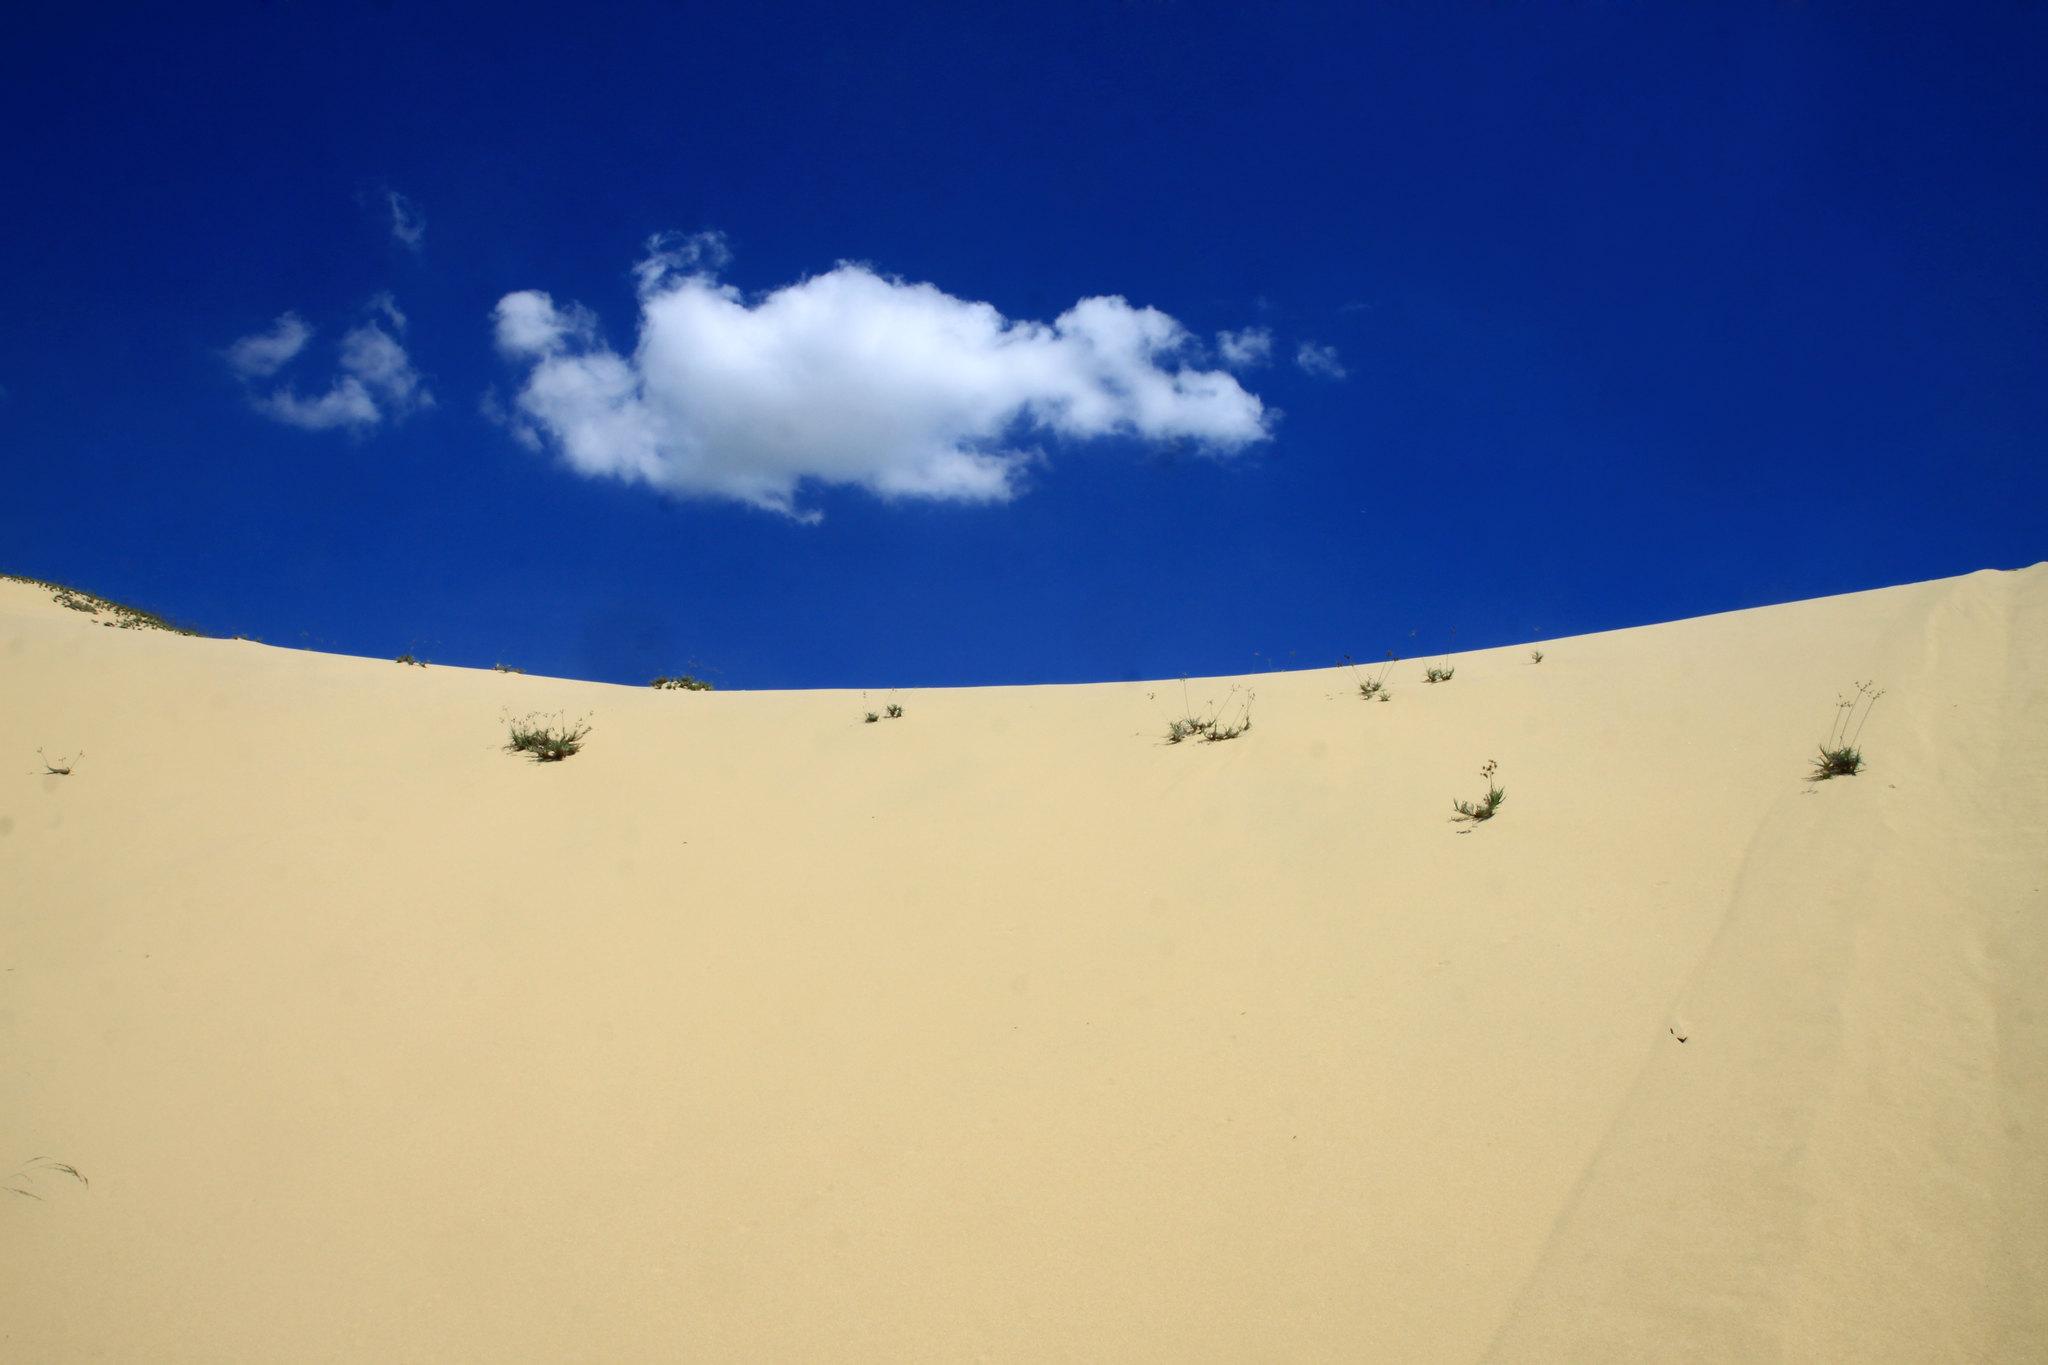 Cồn cát Quang Phú vào buổi sáng